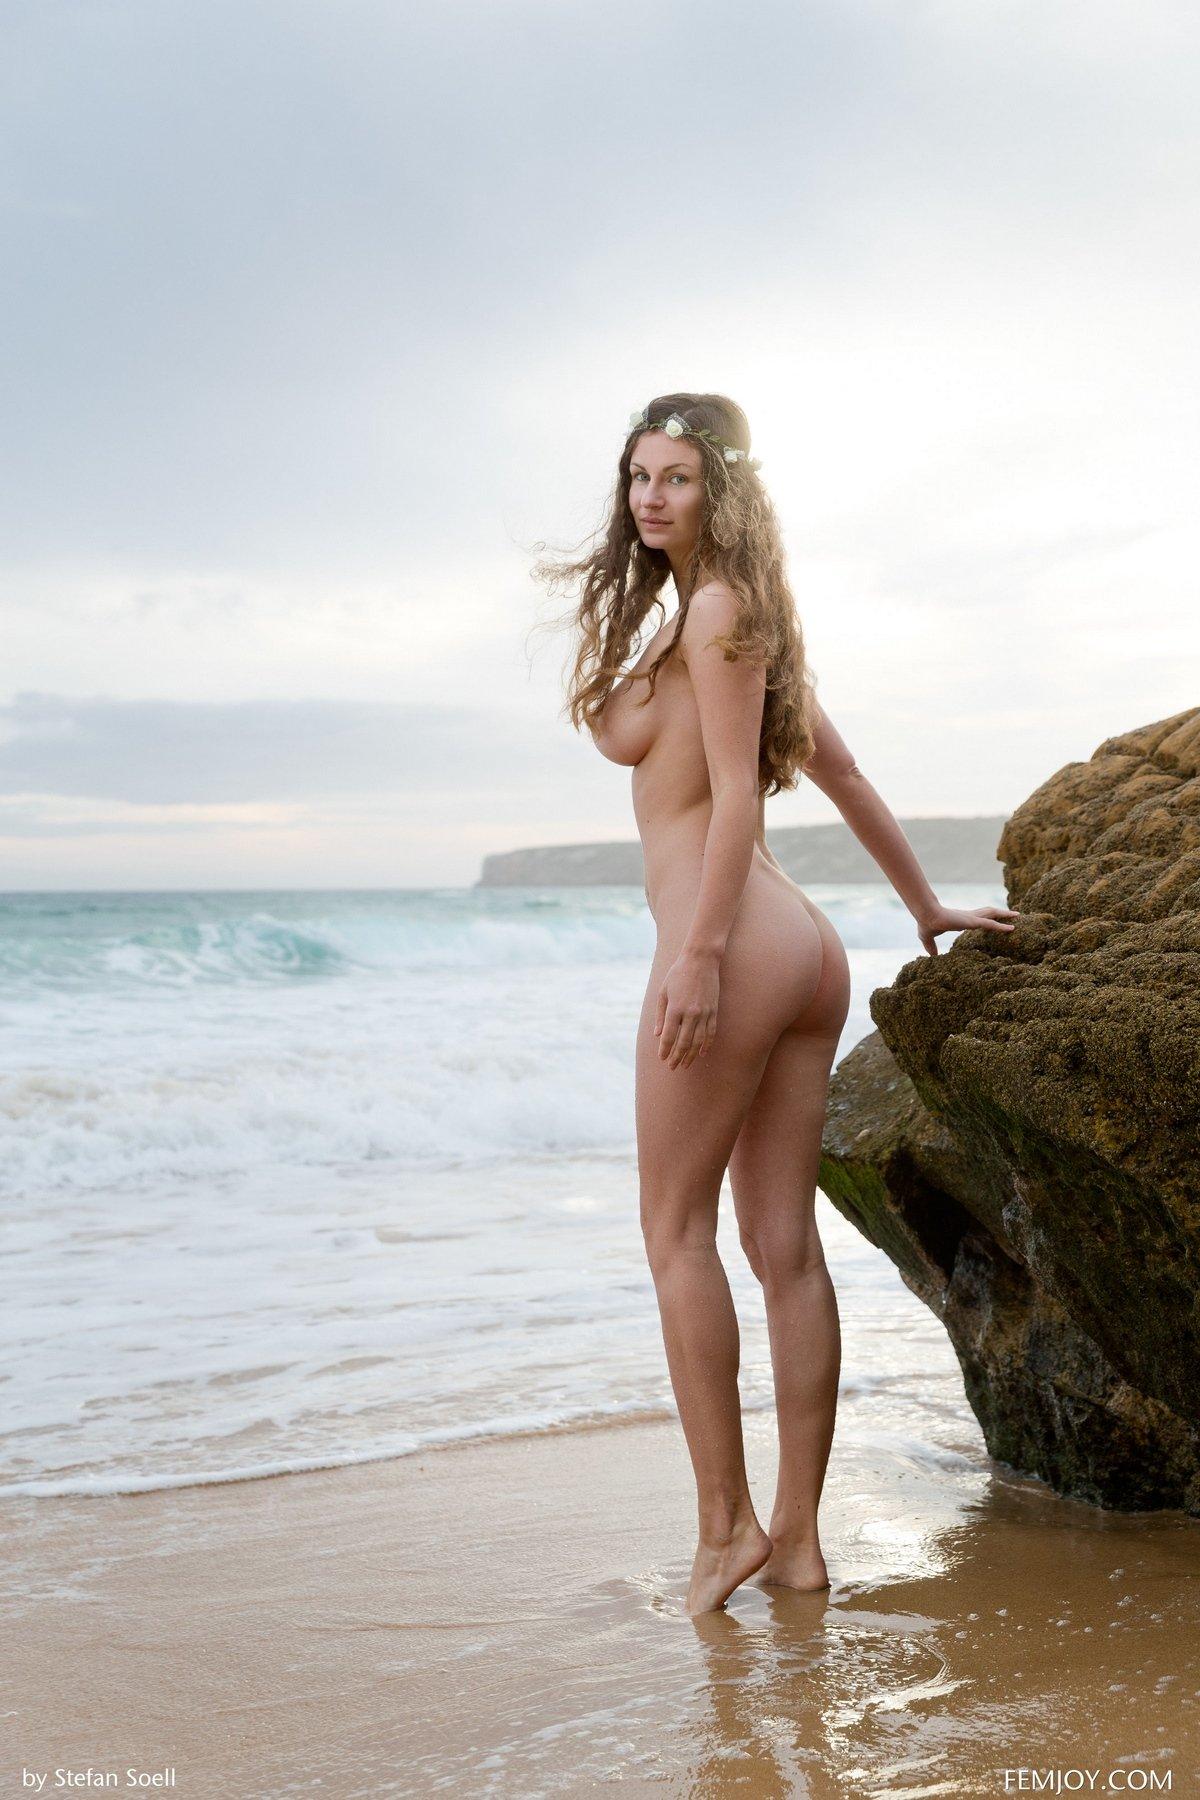 Девушка с идеальной фигуркой на берегу моря